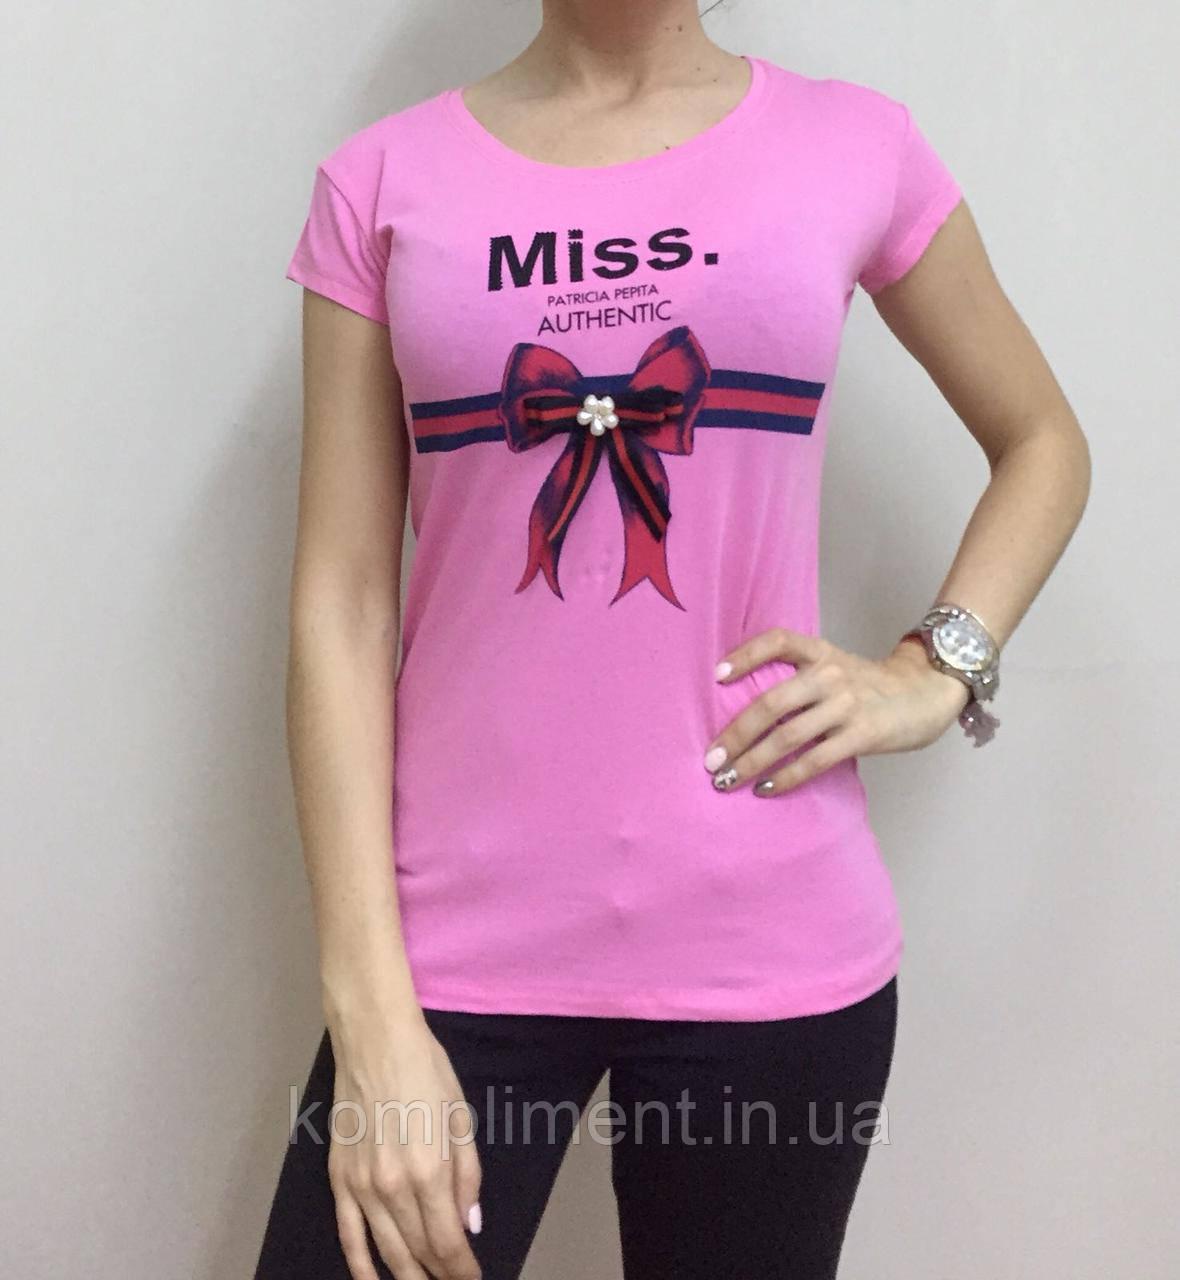 Летняя женская турецкая футболка с милым бантиком розовая